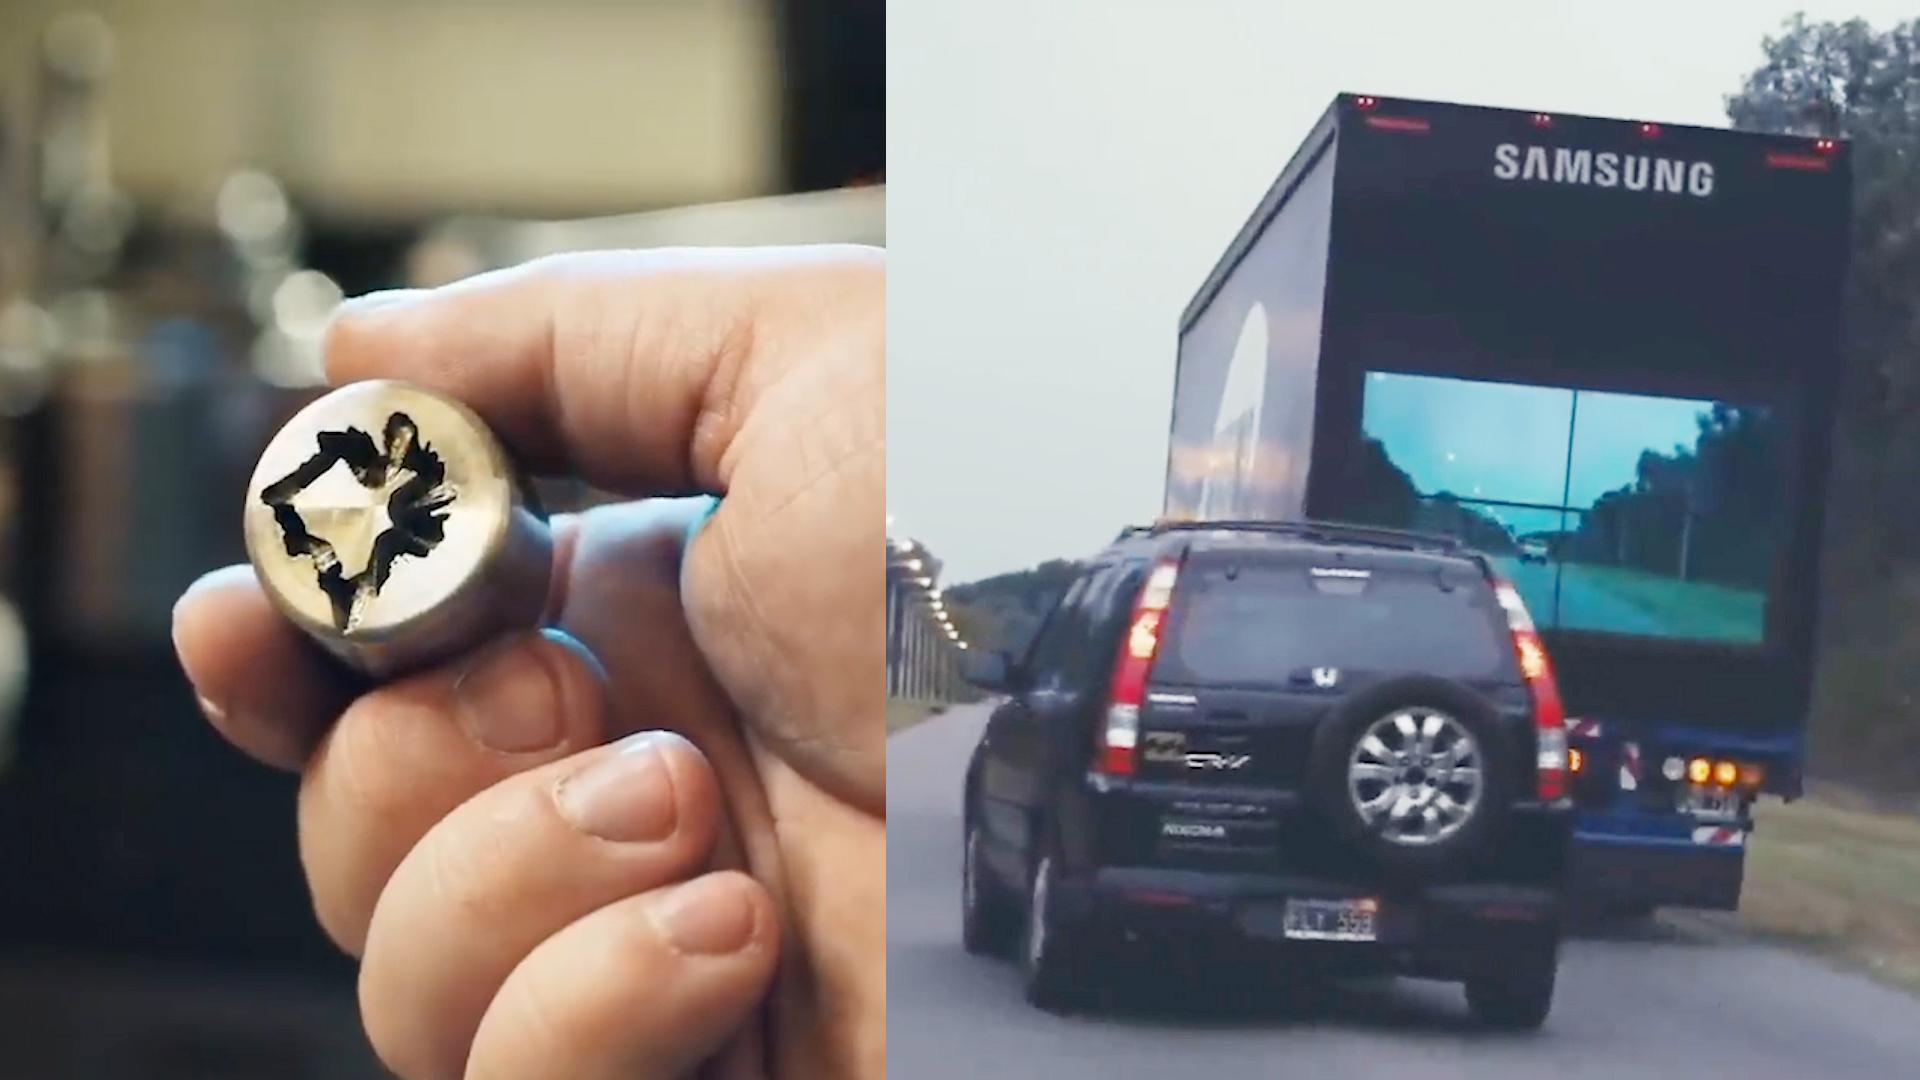 3种最有用的汽车发明,第2种防止偷车胎,第3种能一眼看穿卡车